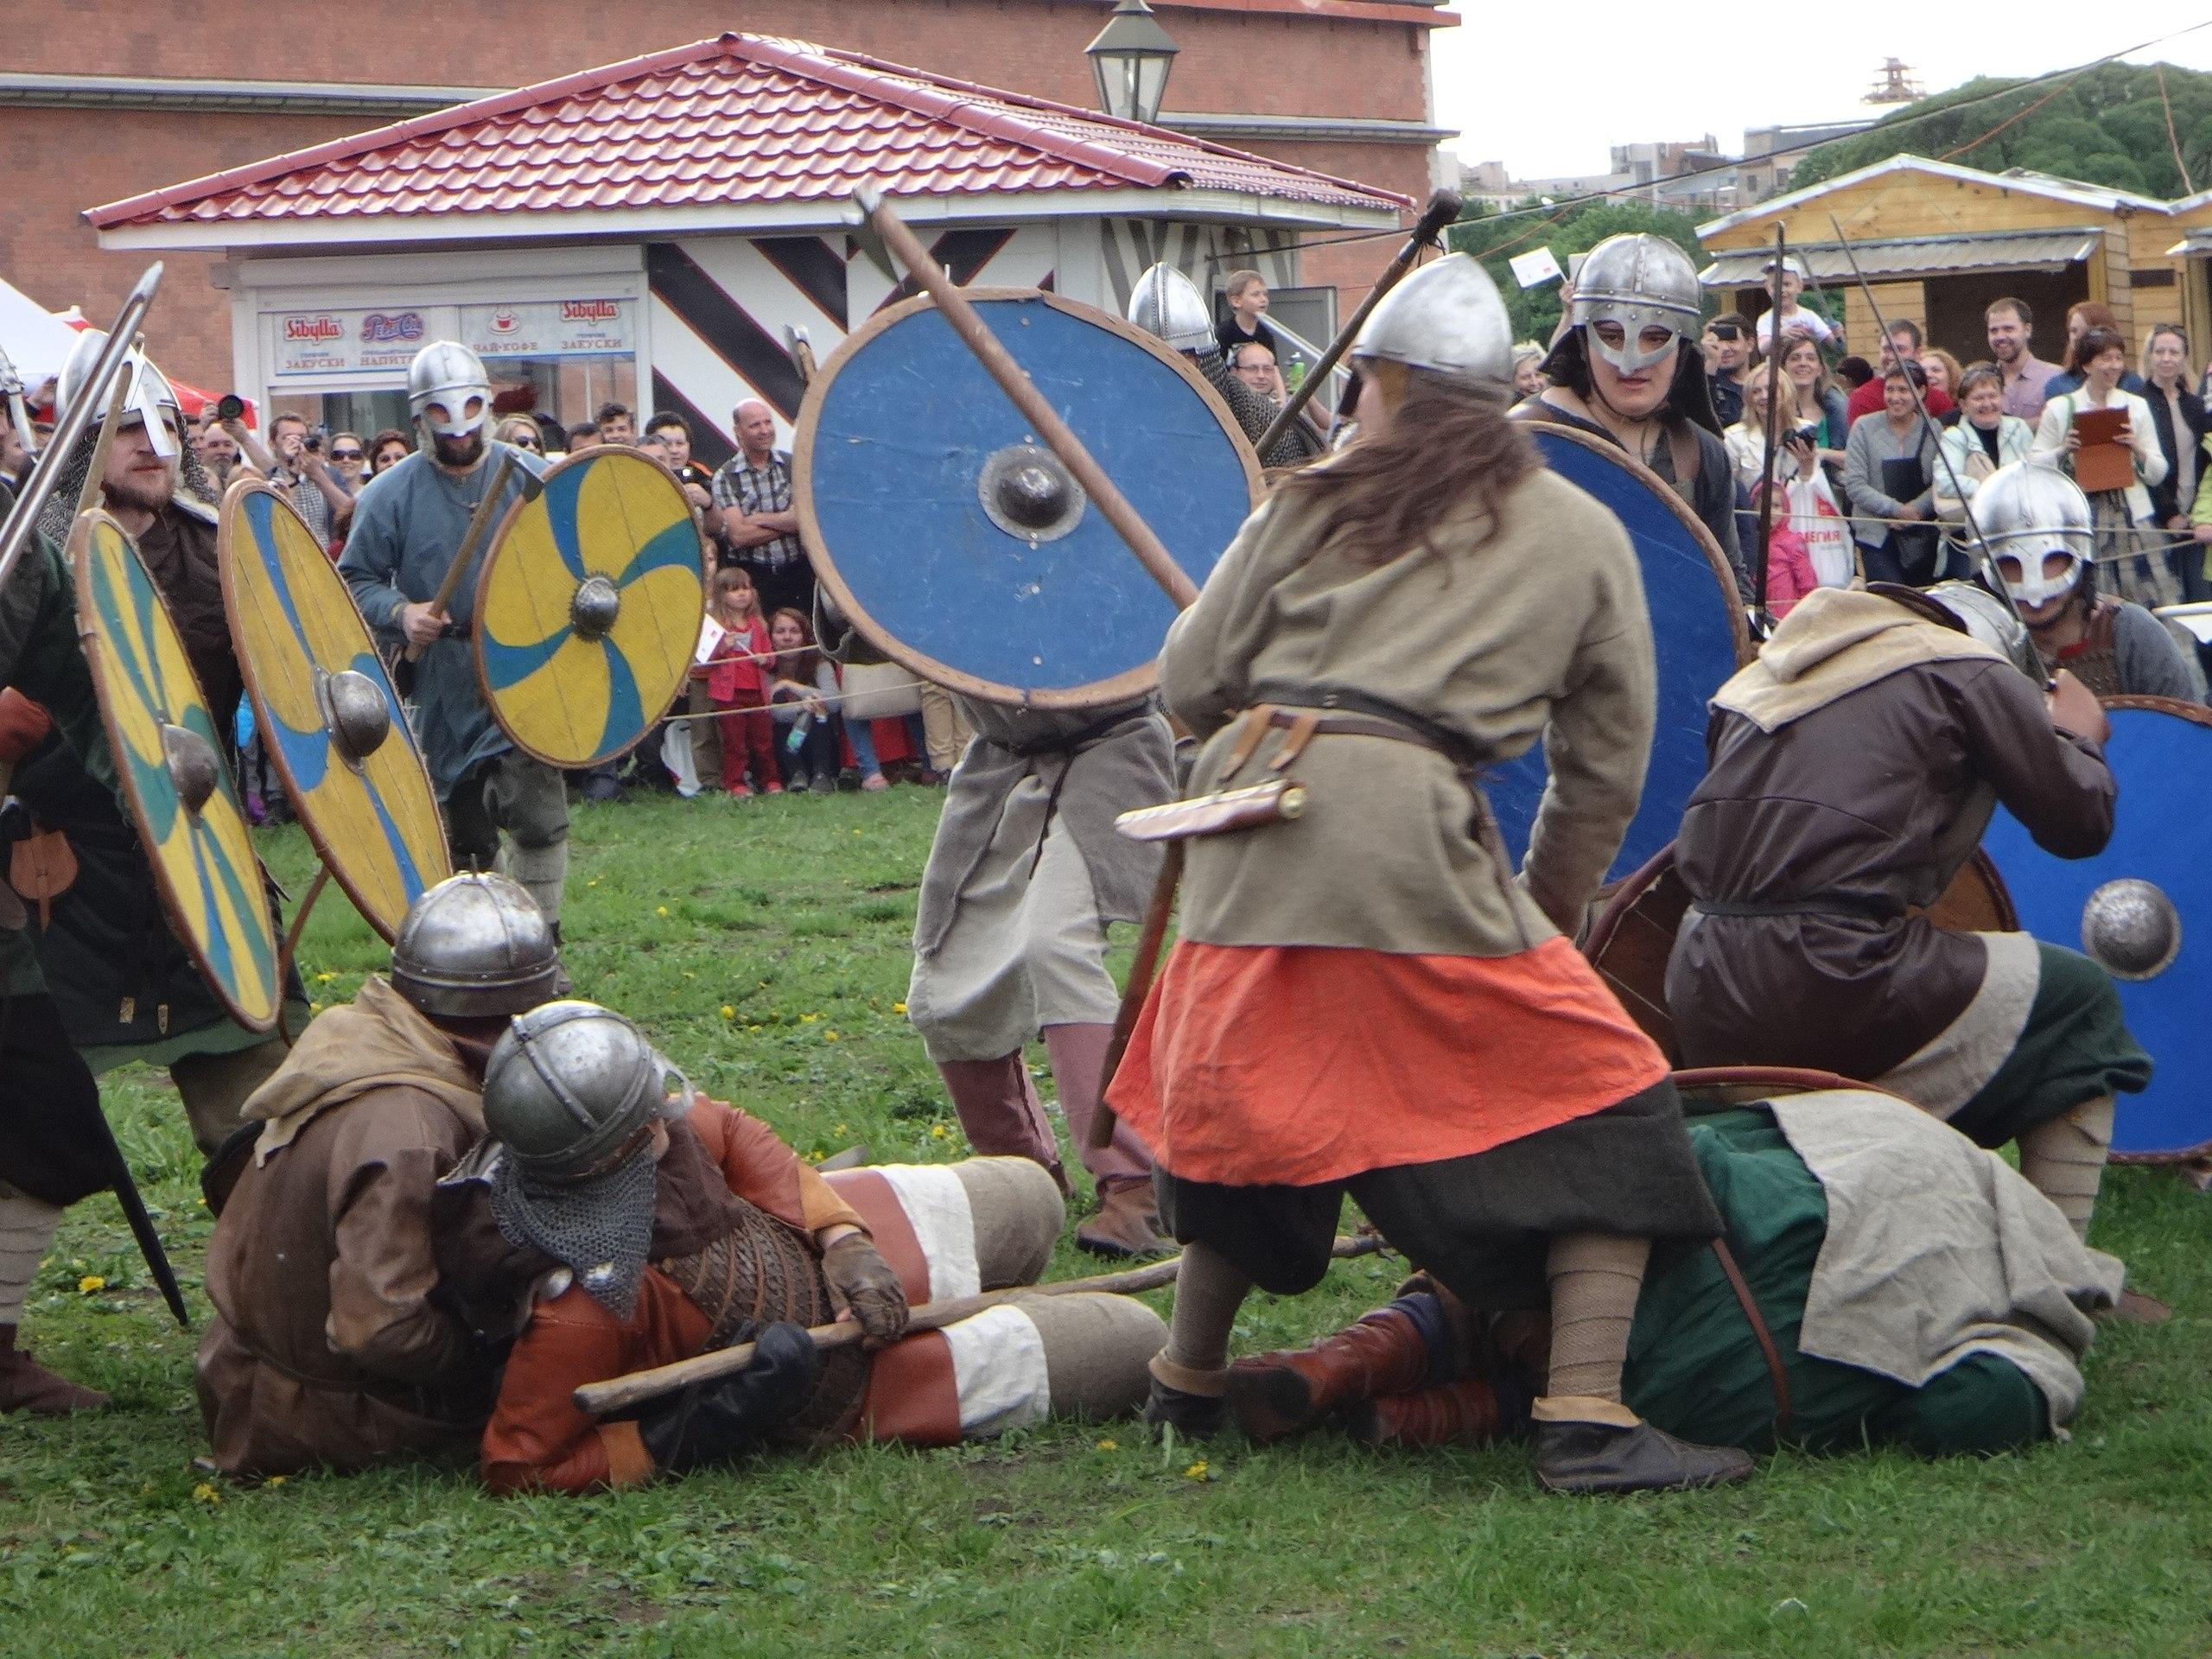 турниры норвежских викингов фото поздравления коллеге работе